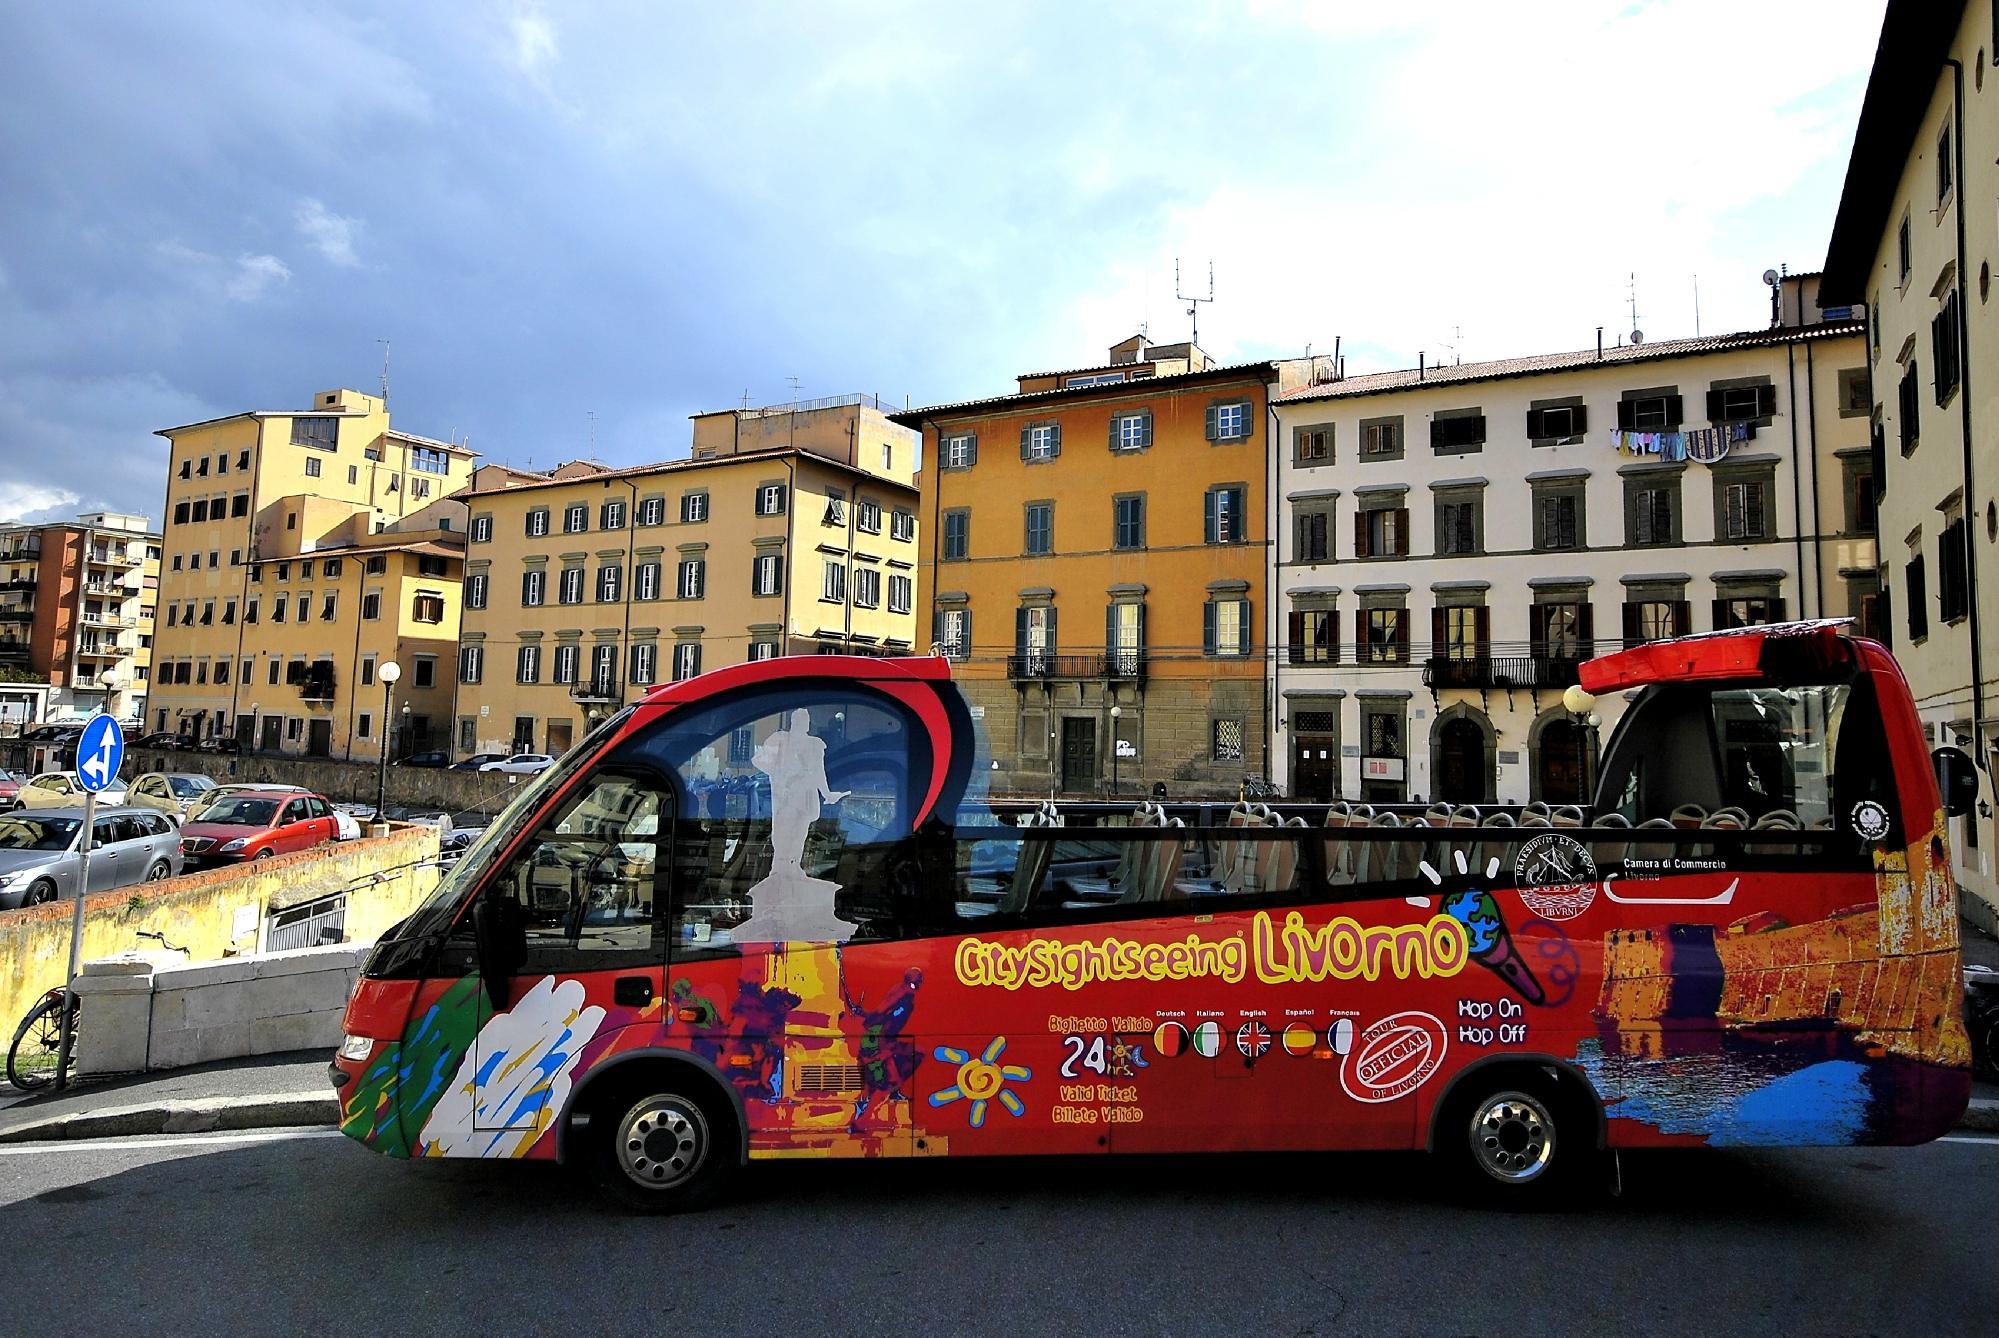 City Sightseeing Livorno